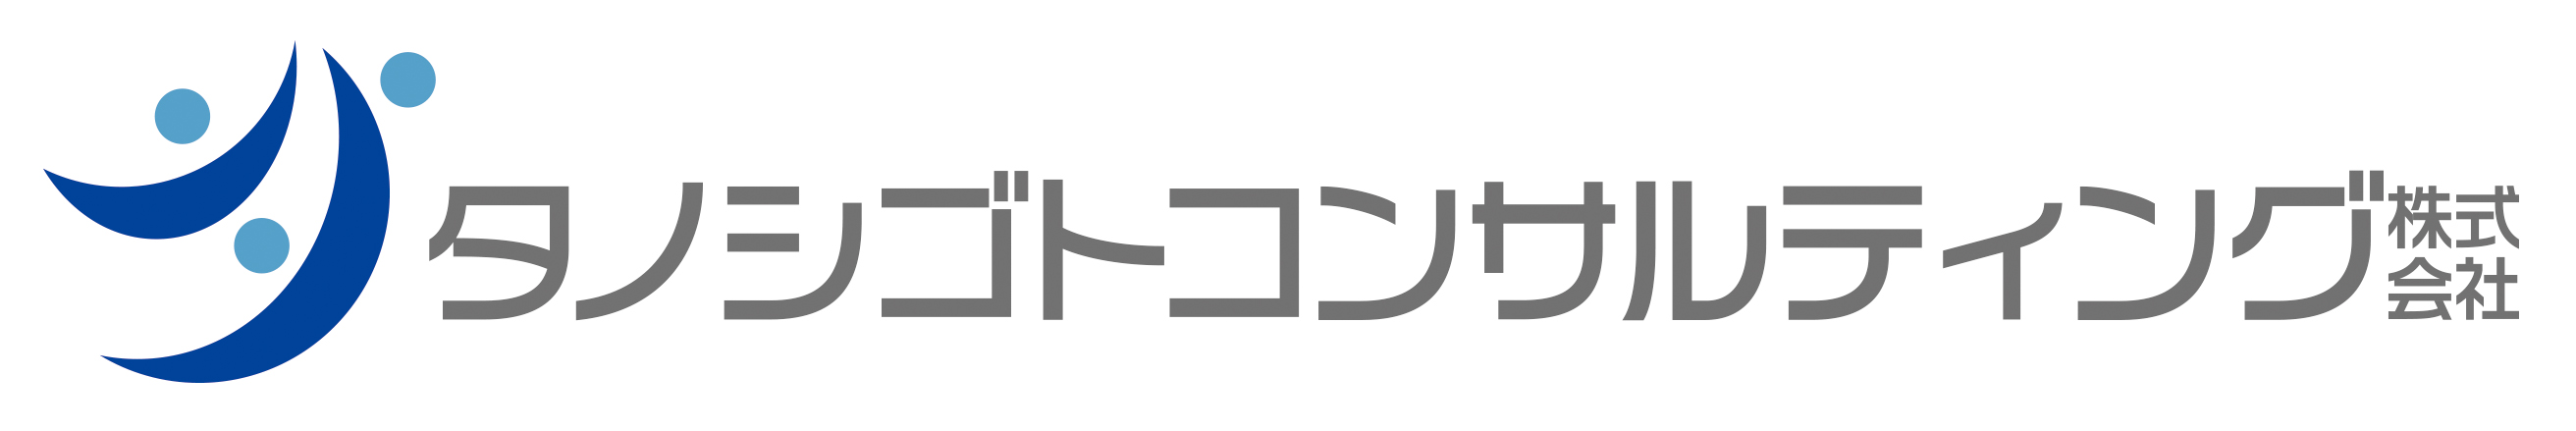 タノシゴトコンサルティング株式会社